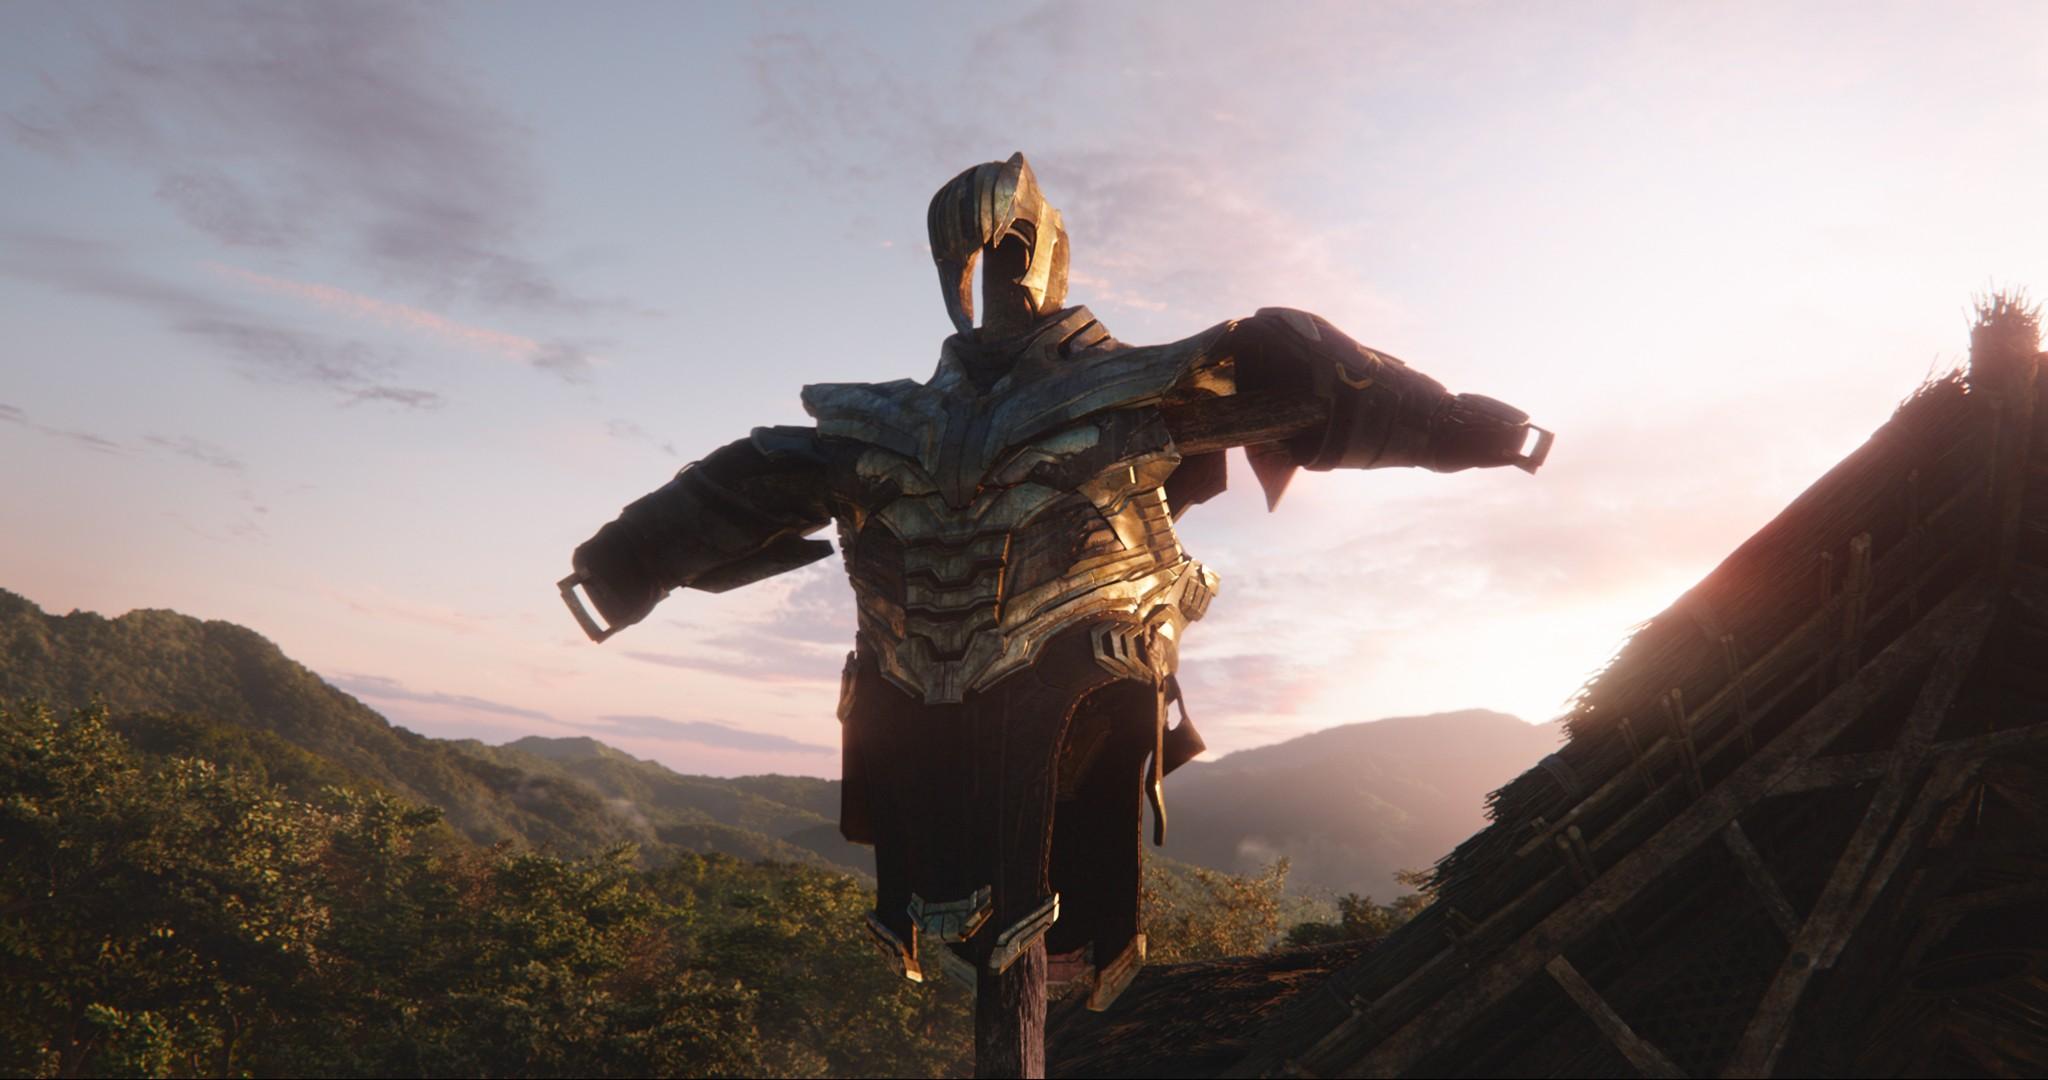 'Vingadores: Ultimato' segue na liderança da bilheteria nacional pela quarta semana consecutiva - Noticias